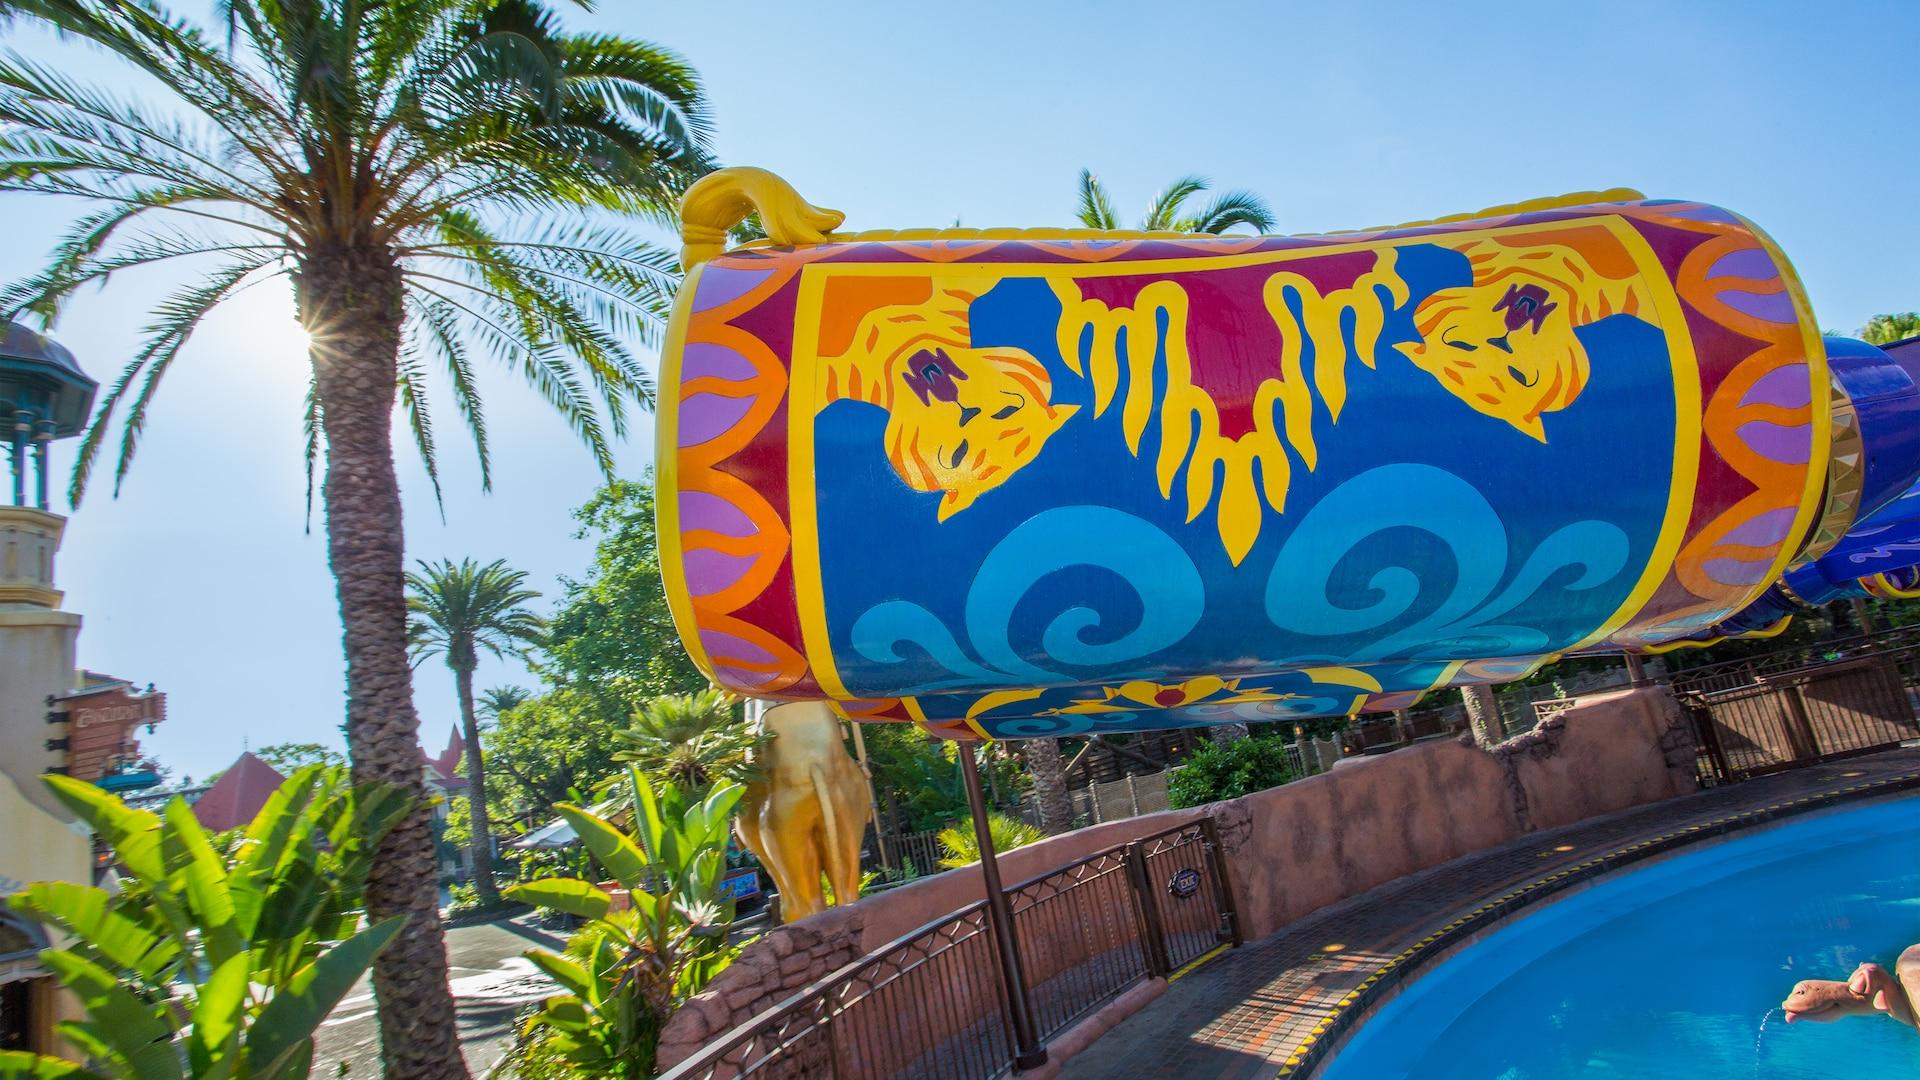 The Magic Carpets of Aladdin | Magic Kingdom Attractions